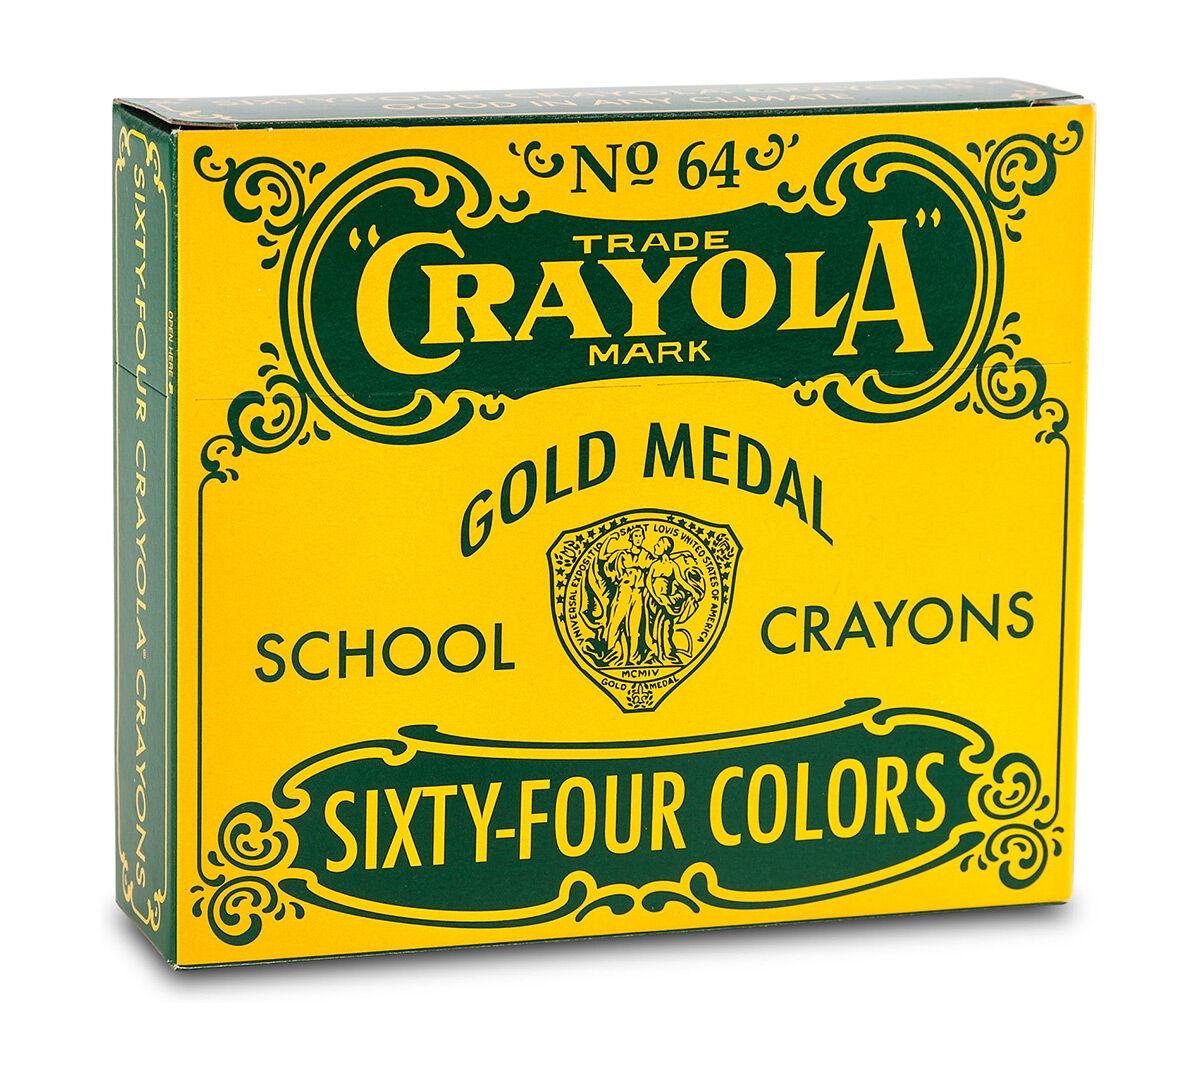 Vintage Box of 64 Crayons - Crayola